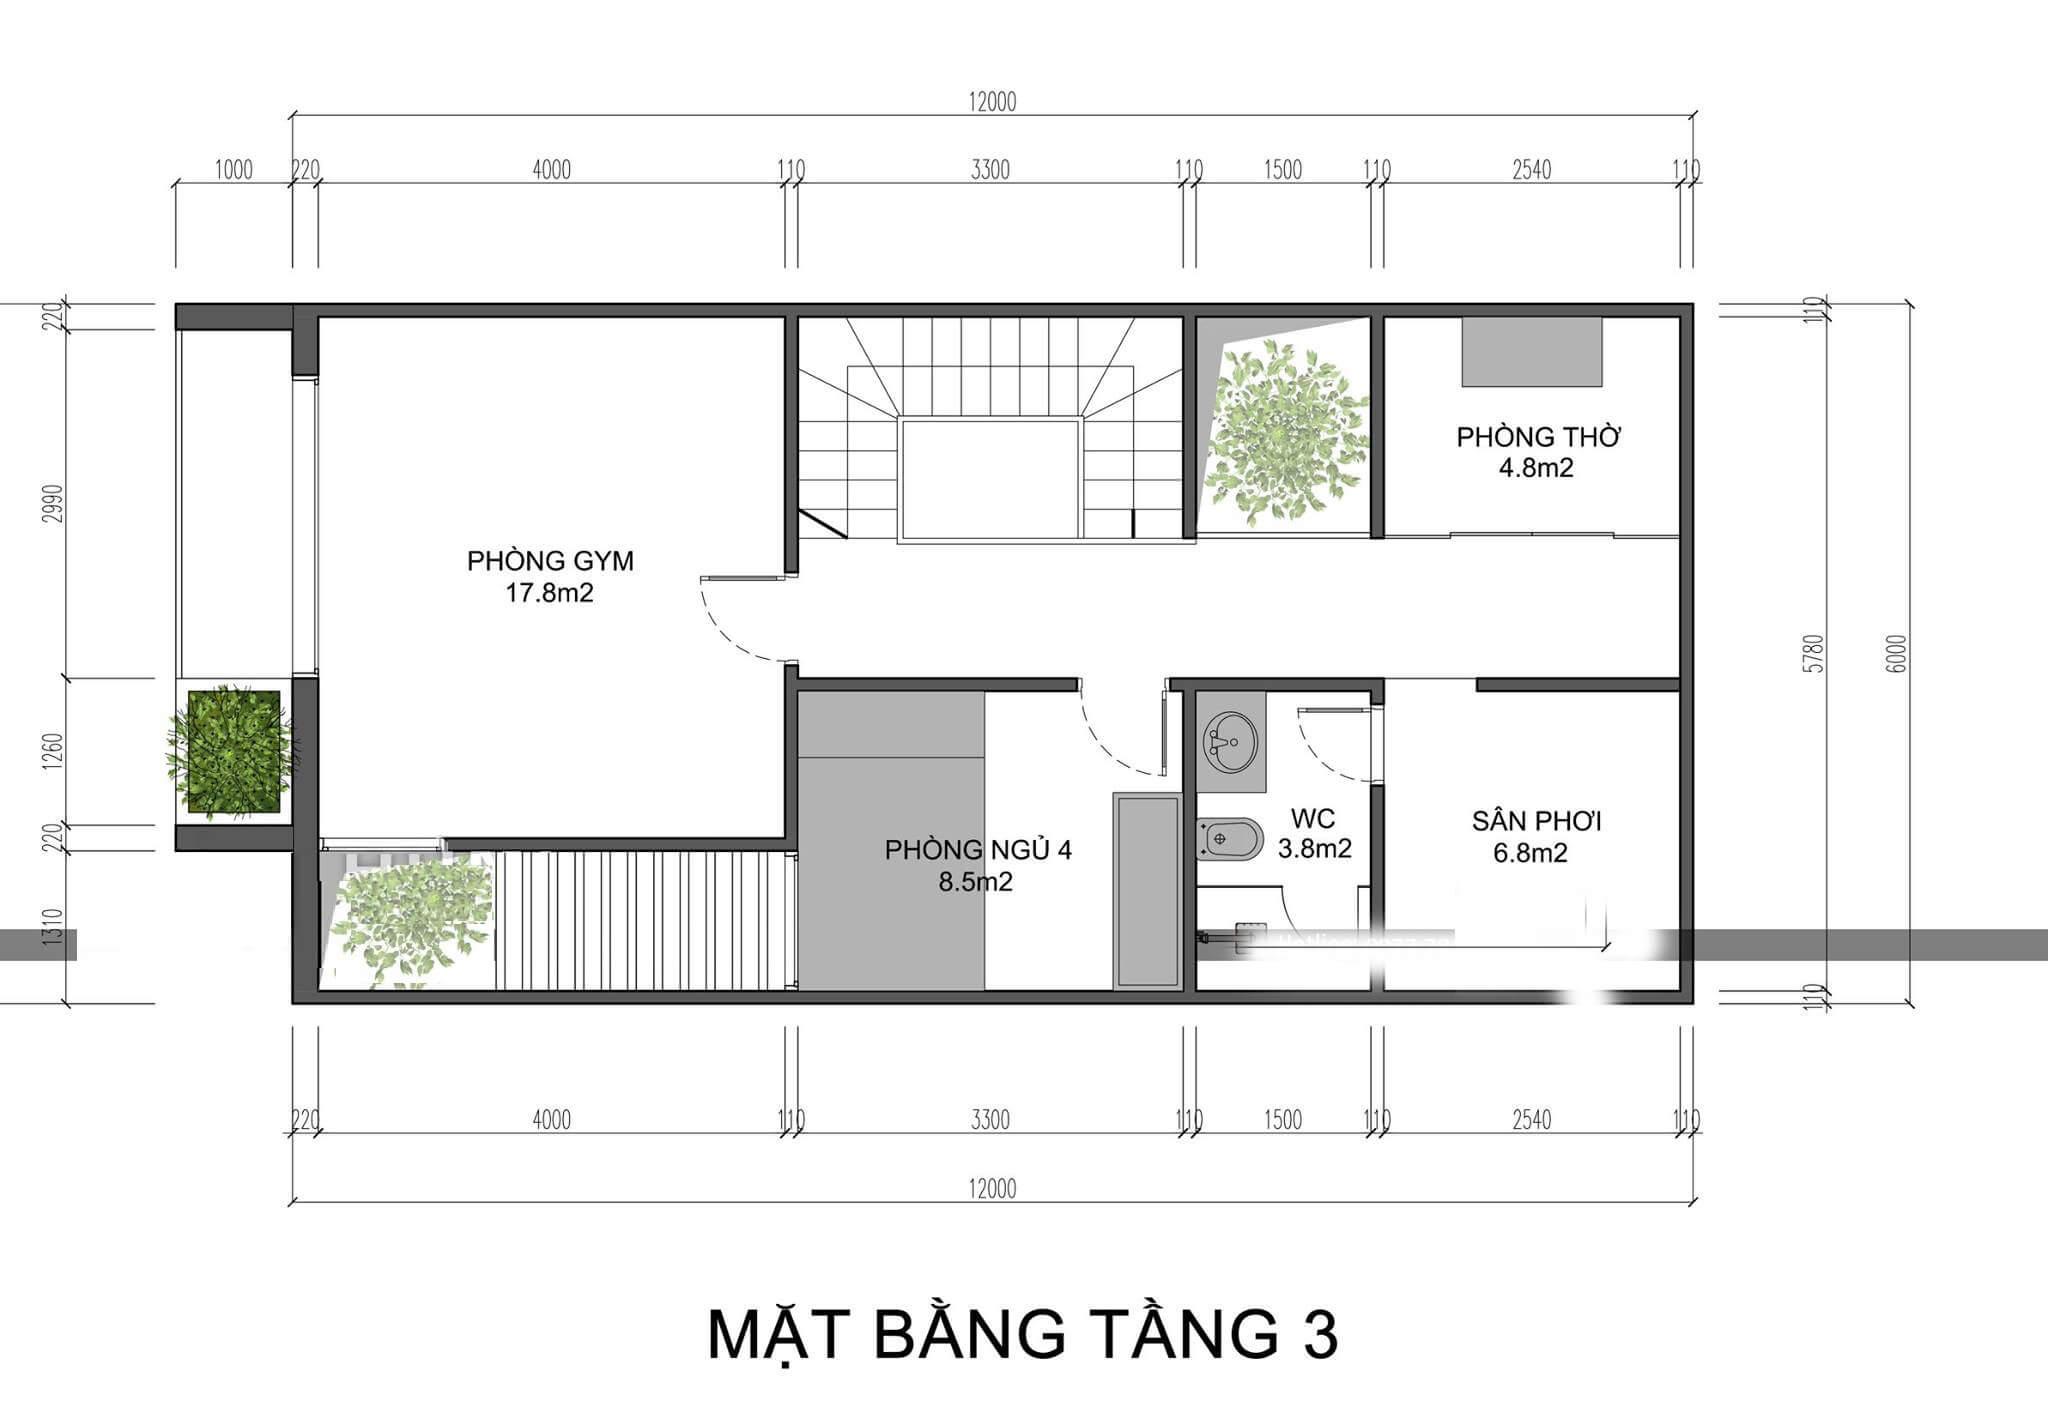 mẫu thiết kế nhà phố 3 tầng 6x12m 5